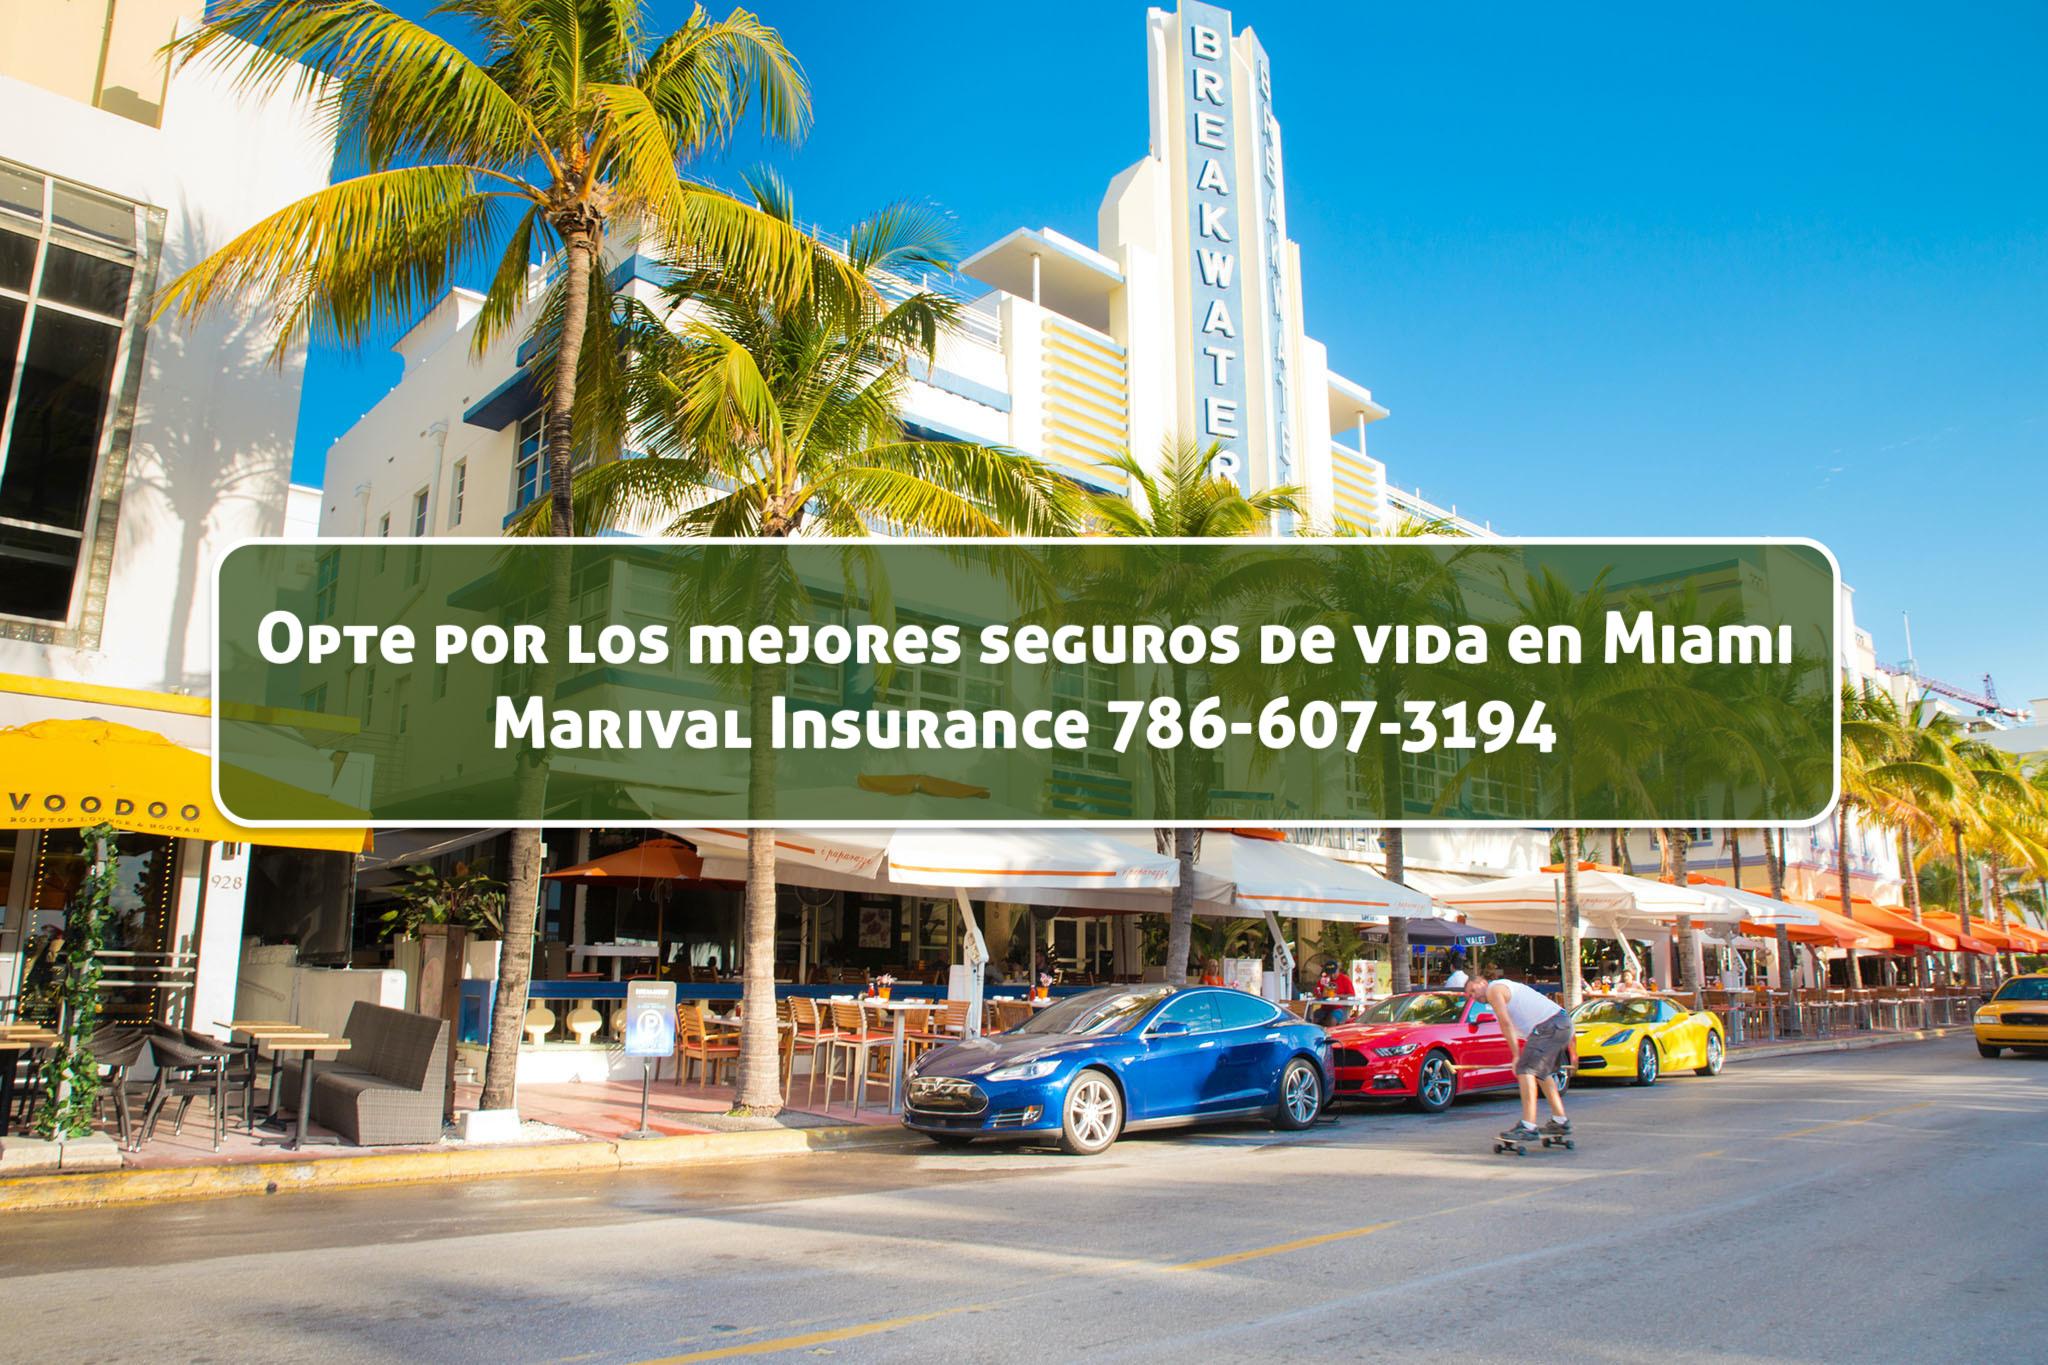 Opte por los mejores seguros de vida en Miami